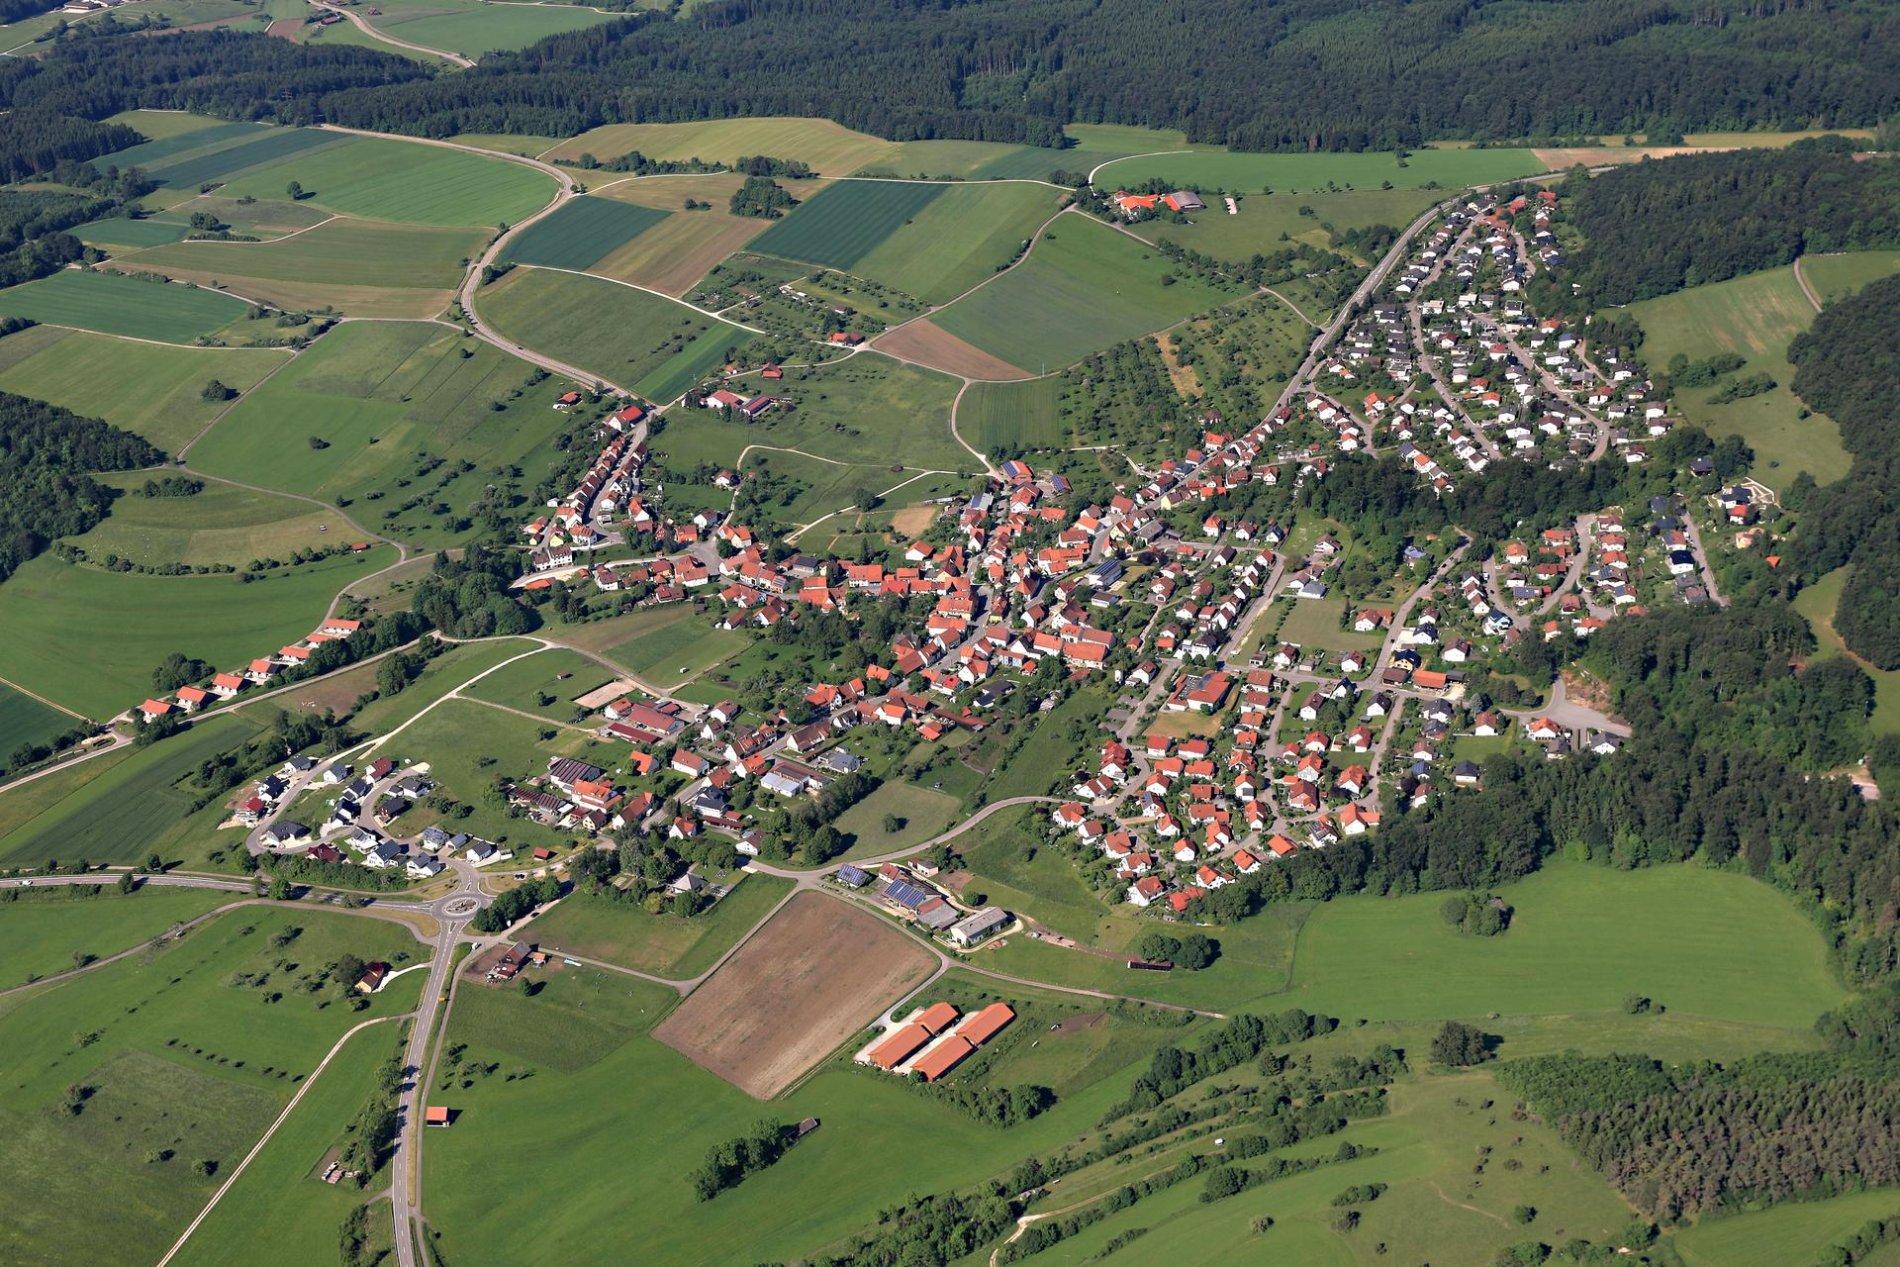 Ein Luftbild von einem Dorf. Ringsherum sind Felder und Wald.